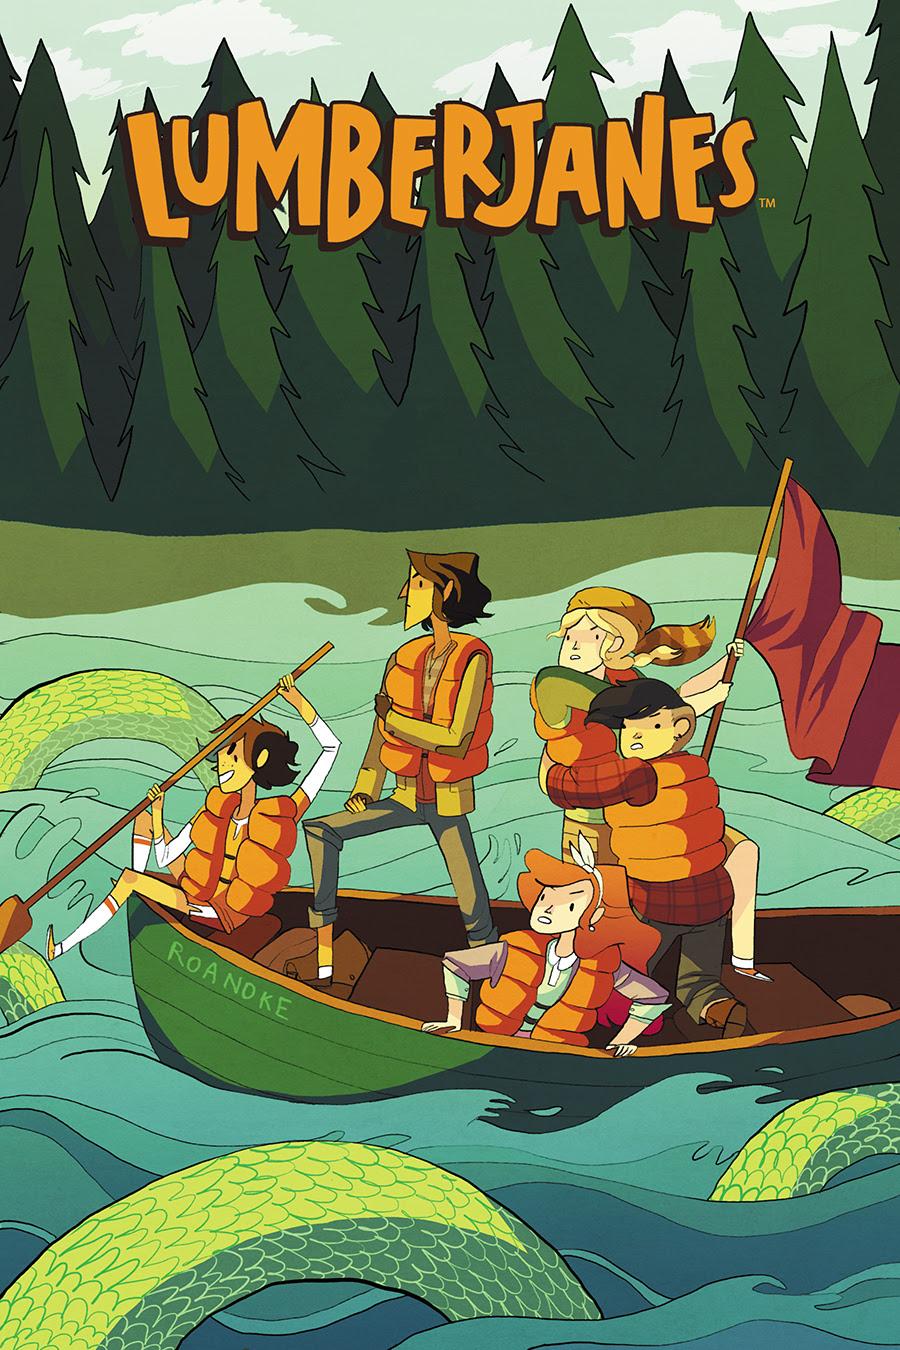 LUMBERJANES #2 Cover A by Noelle Stevenson